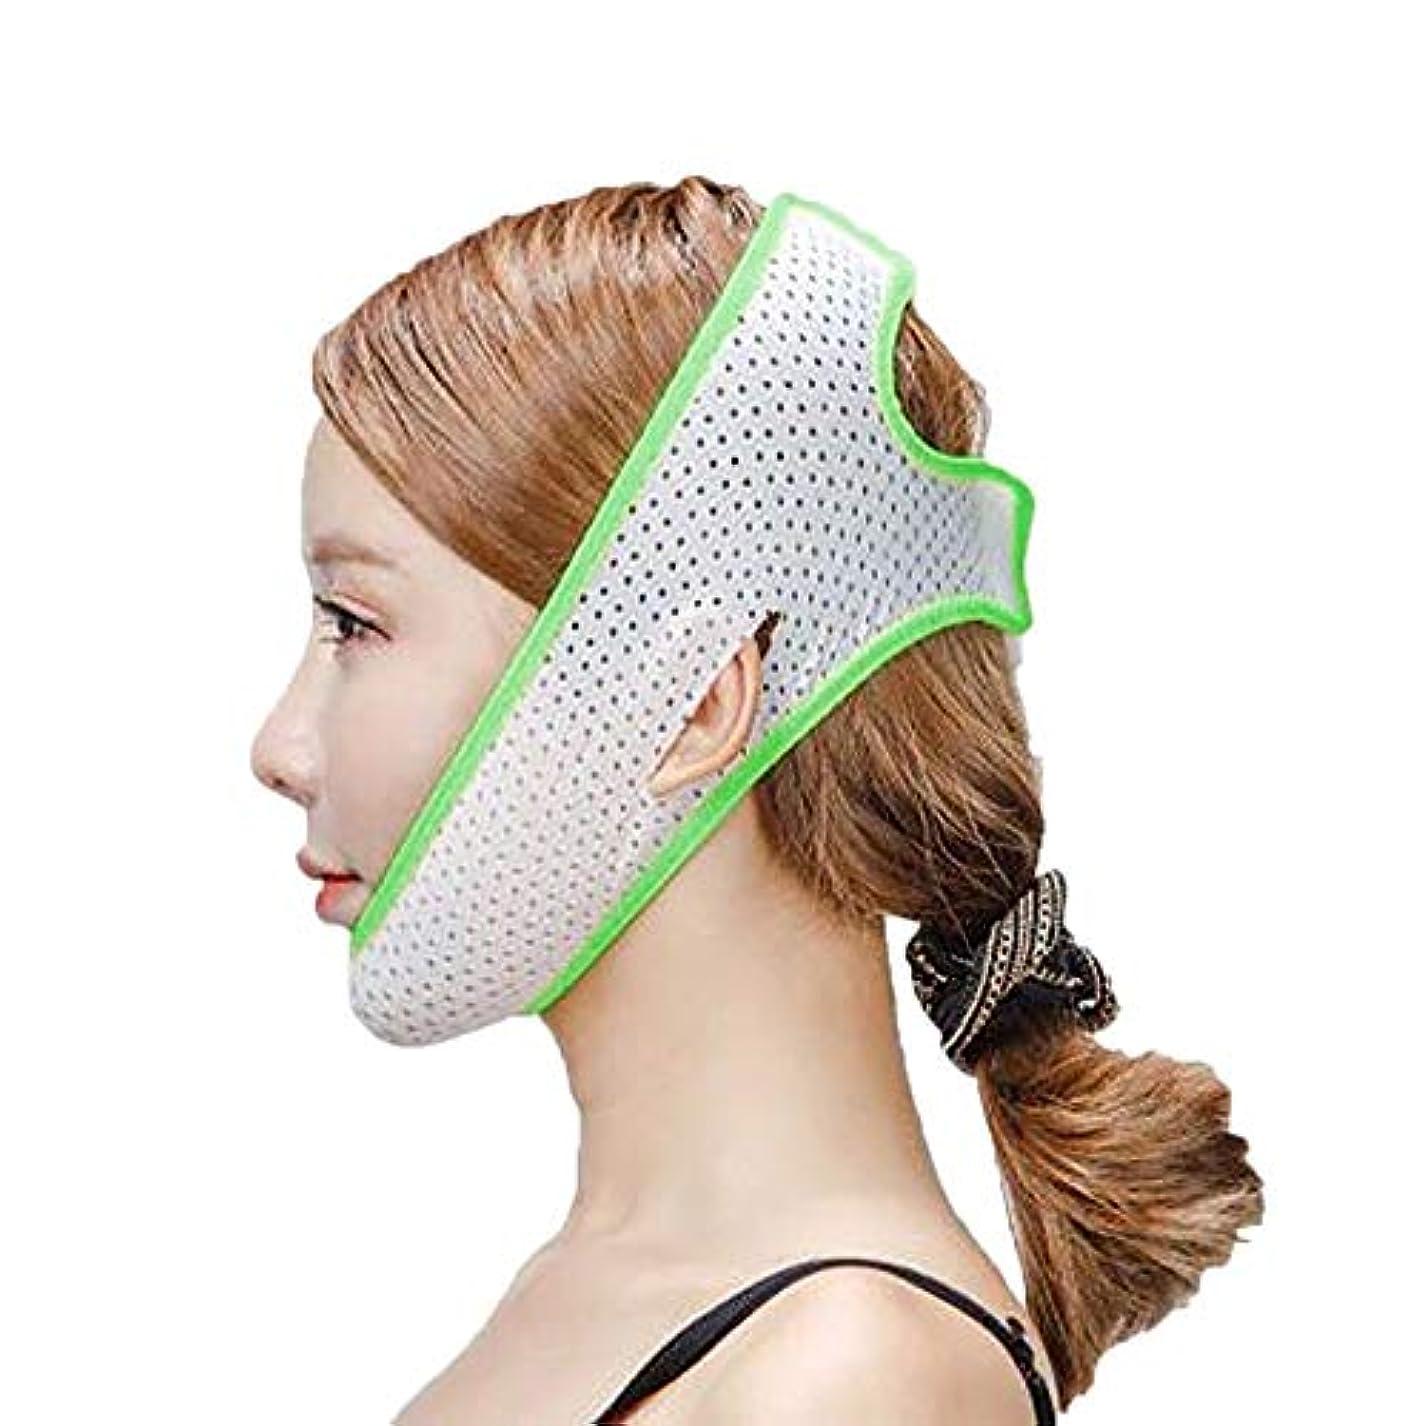 息苦しいくしゃみ製造XHLMRMJ フェイスリフトマスク、ダブルチンストラップ、フェイシャル減量マスク、フェイシャルダブルチンケアスリミングマスク、リンクルマスク(フリーサイズ) (Color : Green)